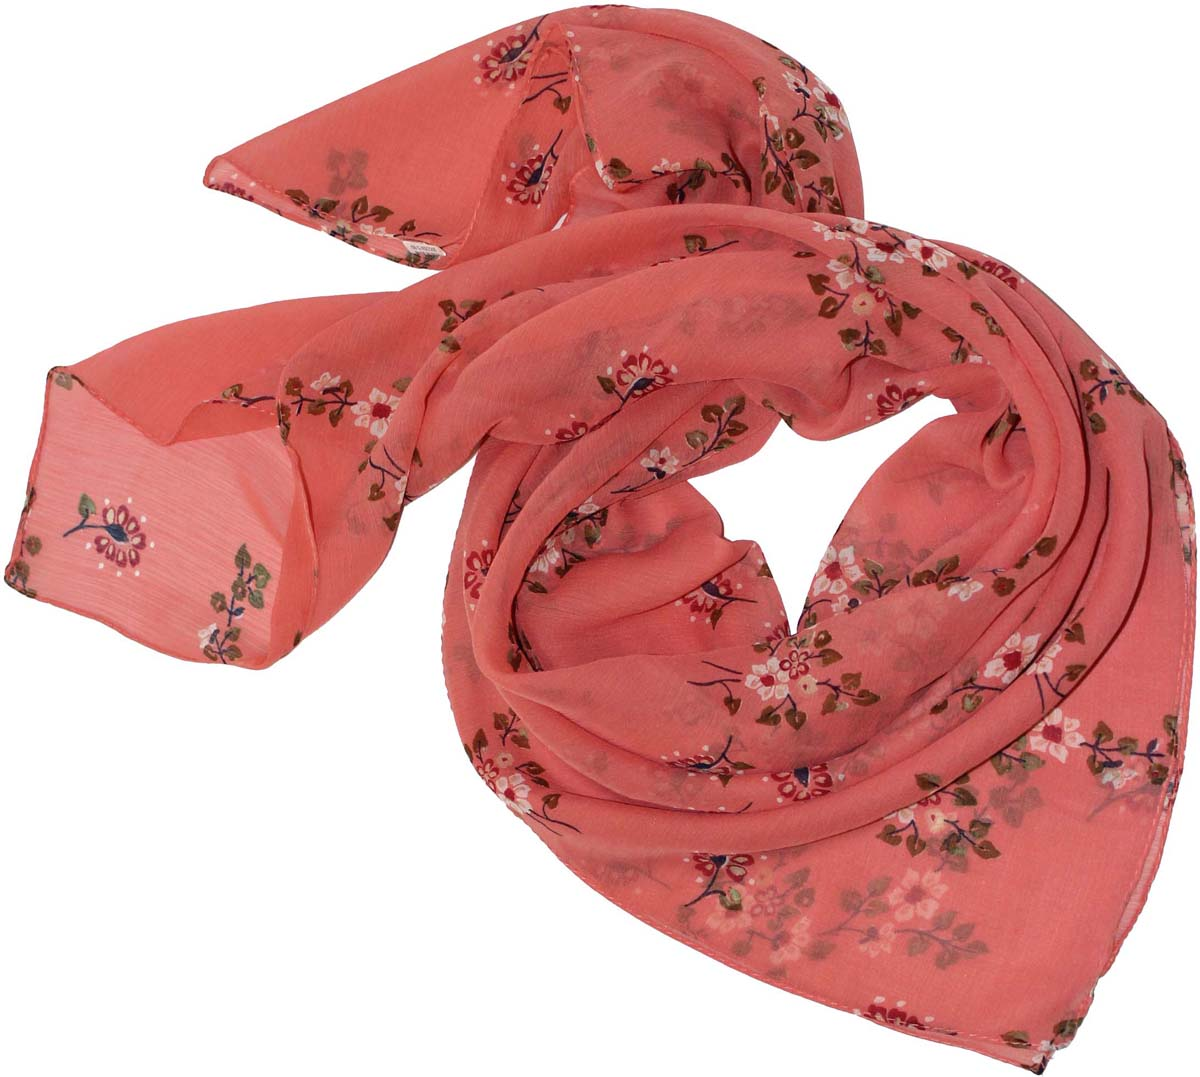 Платок женский Ethnica, цвет: коралловый, бежевый. 524040н. Размер 90 см х 90 см524040нСтильный платок привлекательной расцветки изготовлен из 100% вискозы. Он удачно дополнит ваш гардероб и поможет создать новый повседневный образ, добавить в него яркие краски. Отличный вариант для тех, кто стремится к самовыражению и новизне!